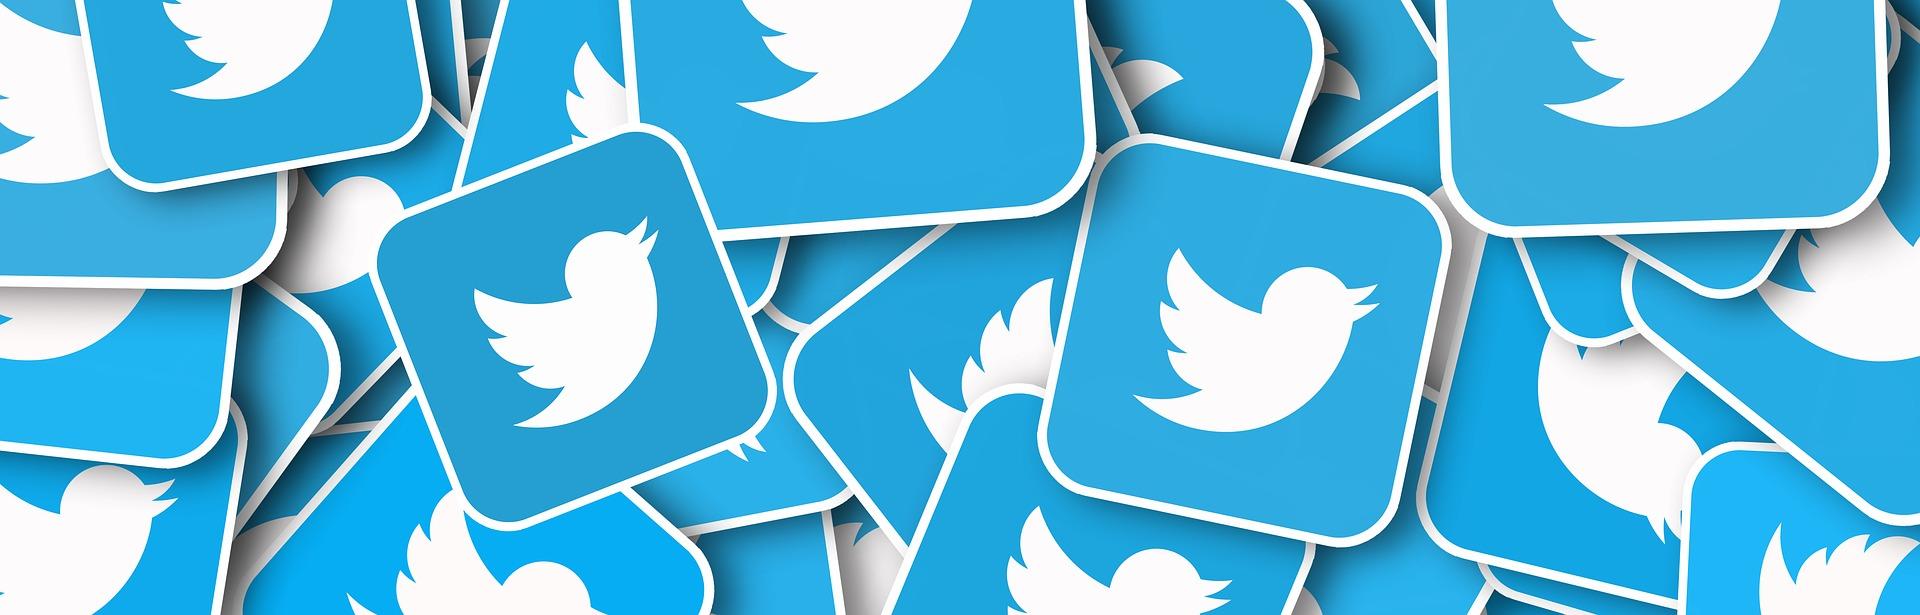 L'IoT sur Twitter au mois d'octobre